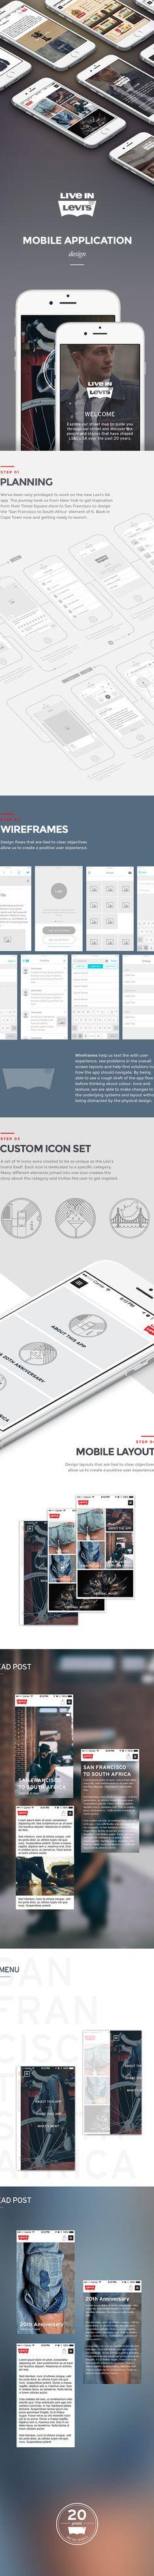 Levi's Mobile App on Behance